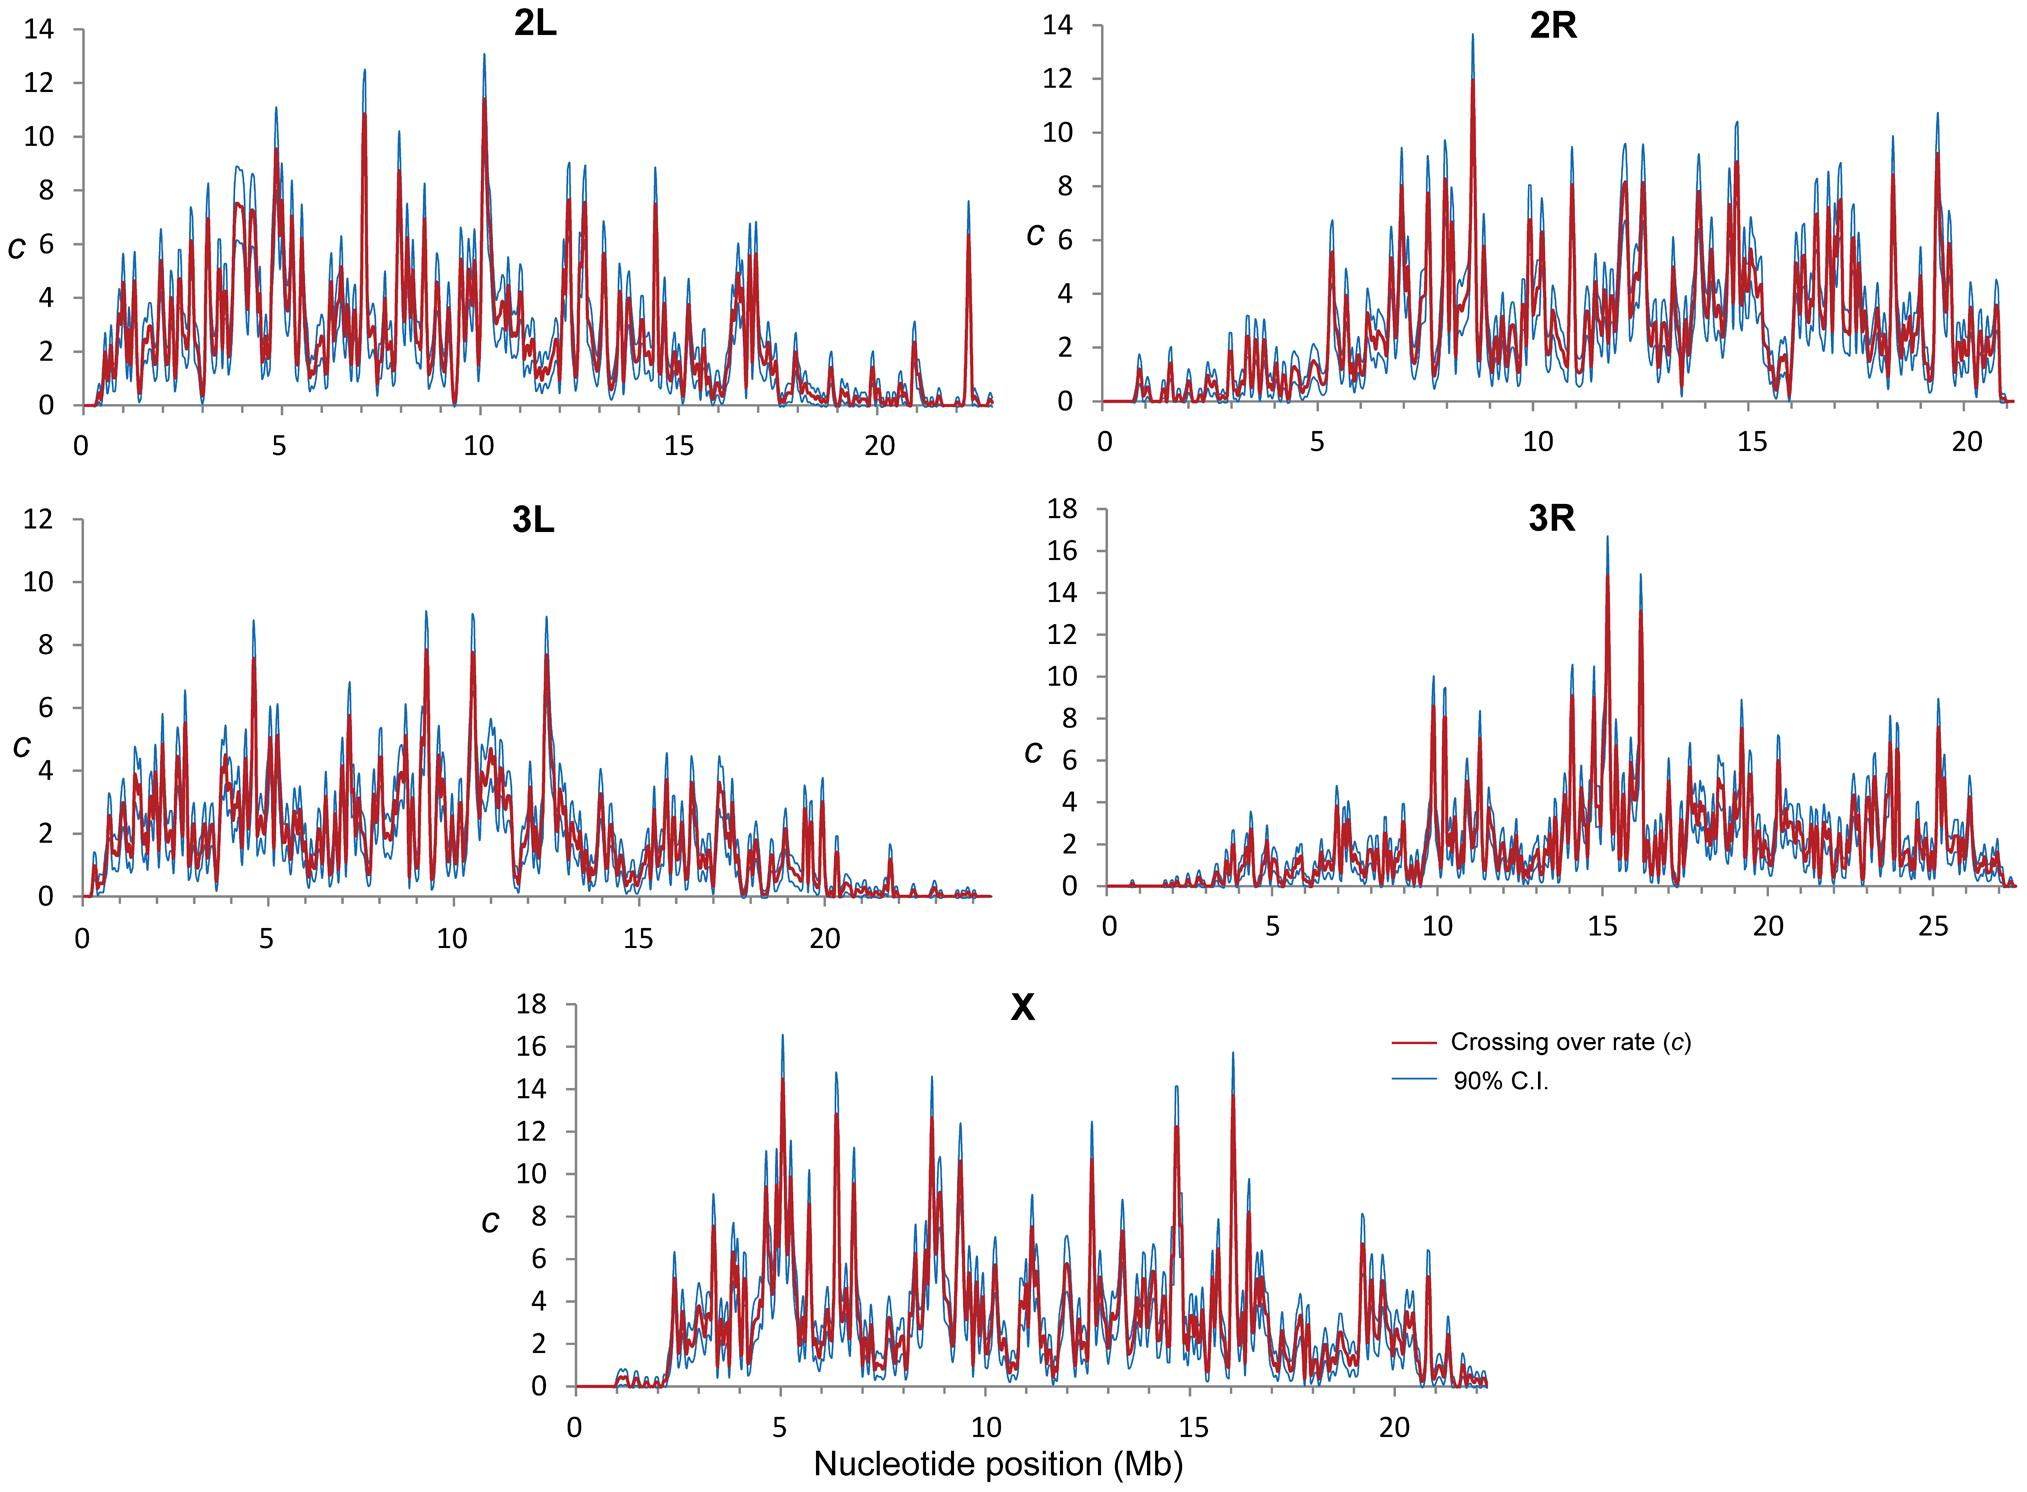 Crossing over rate variation along chromosome arms in <i>D. melanogaster</i>.